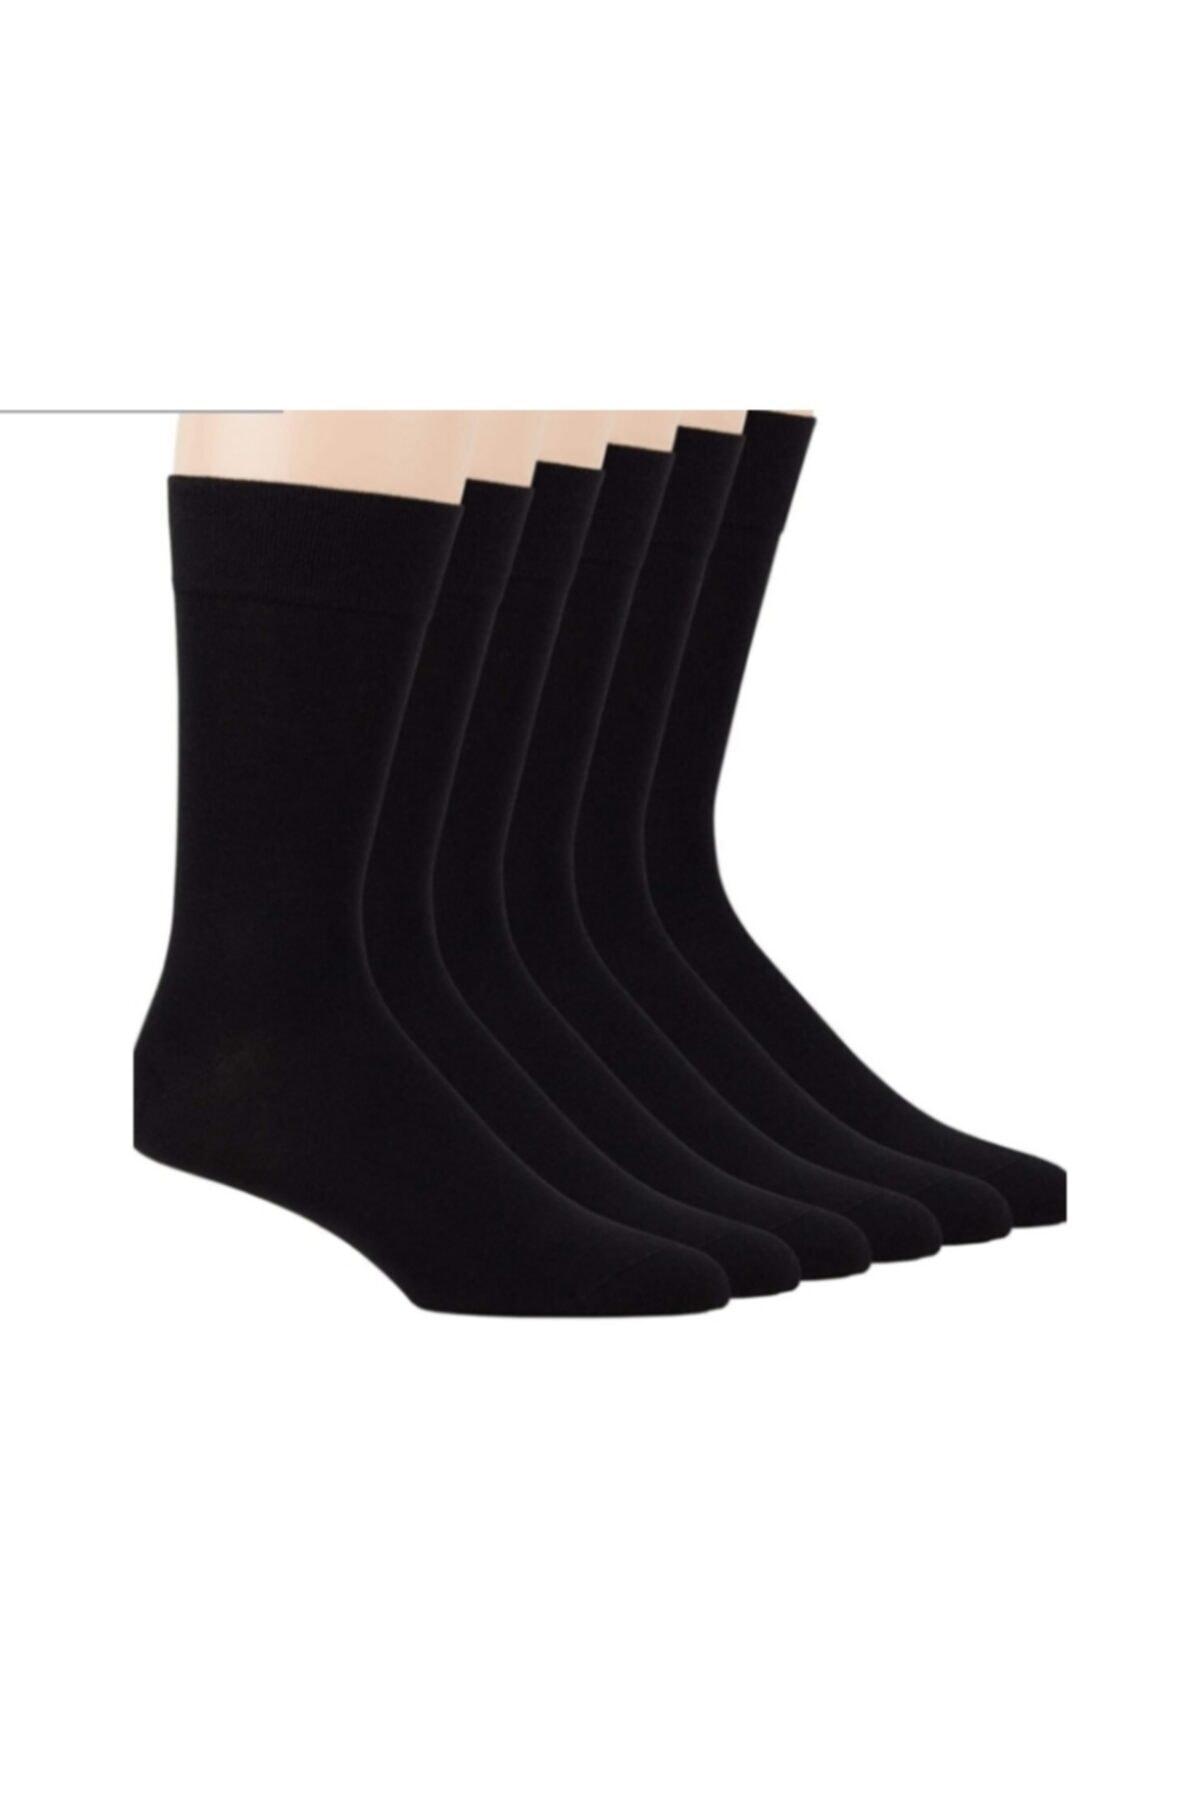 FENOMEN ÇORAP Erkek   Bambu Soket Çorap Siyah 12'li 1